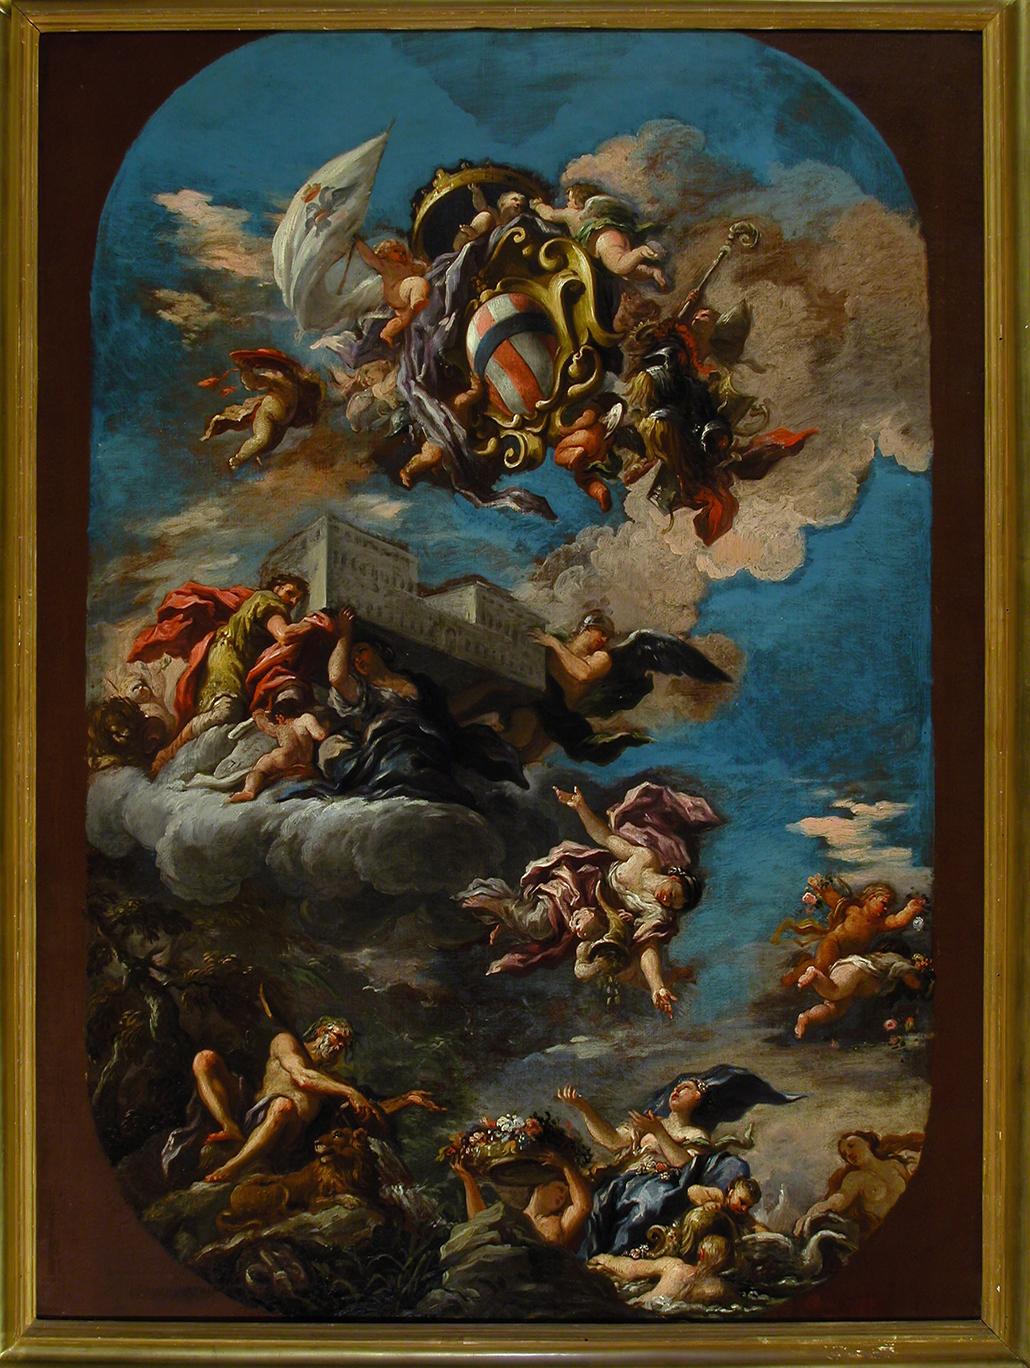 GABBIANI ANTON DOMENICO - Bozzetto per soffitto del salone del Trono